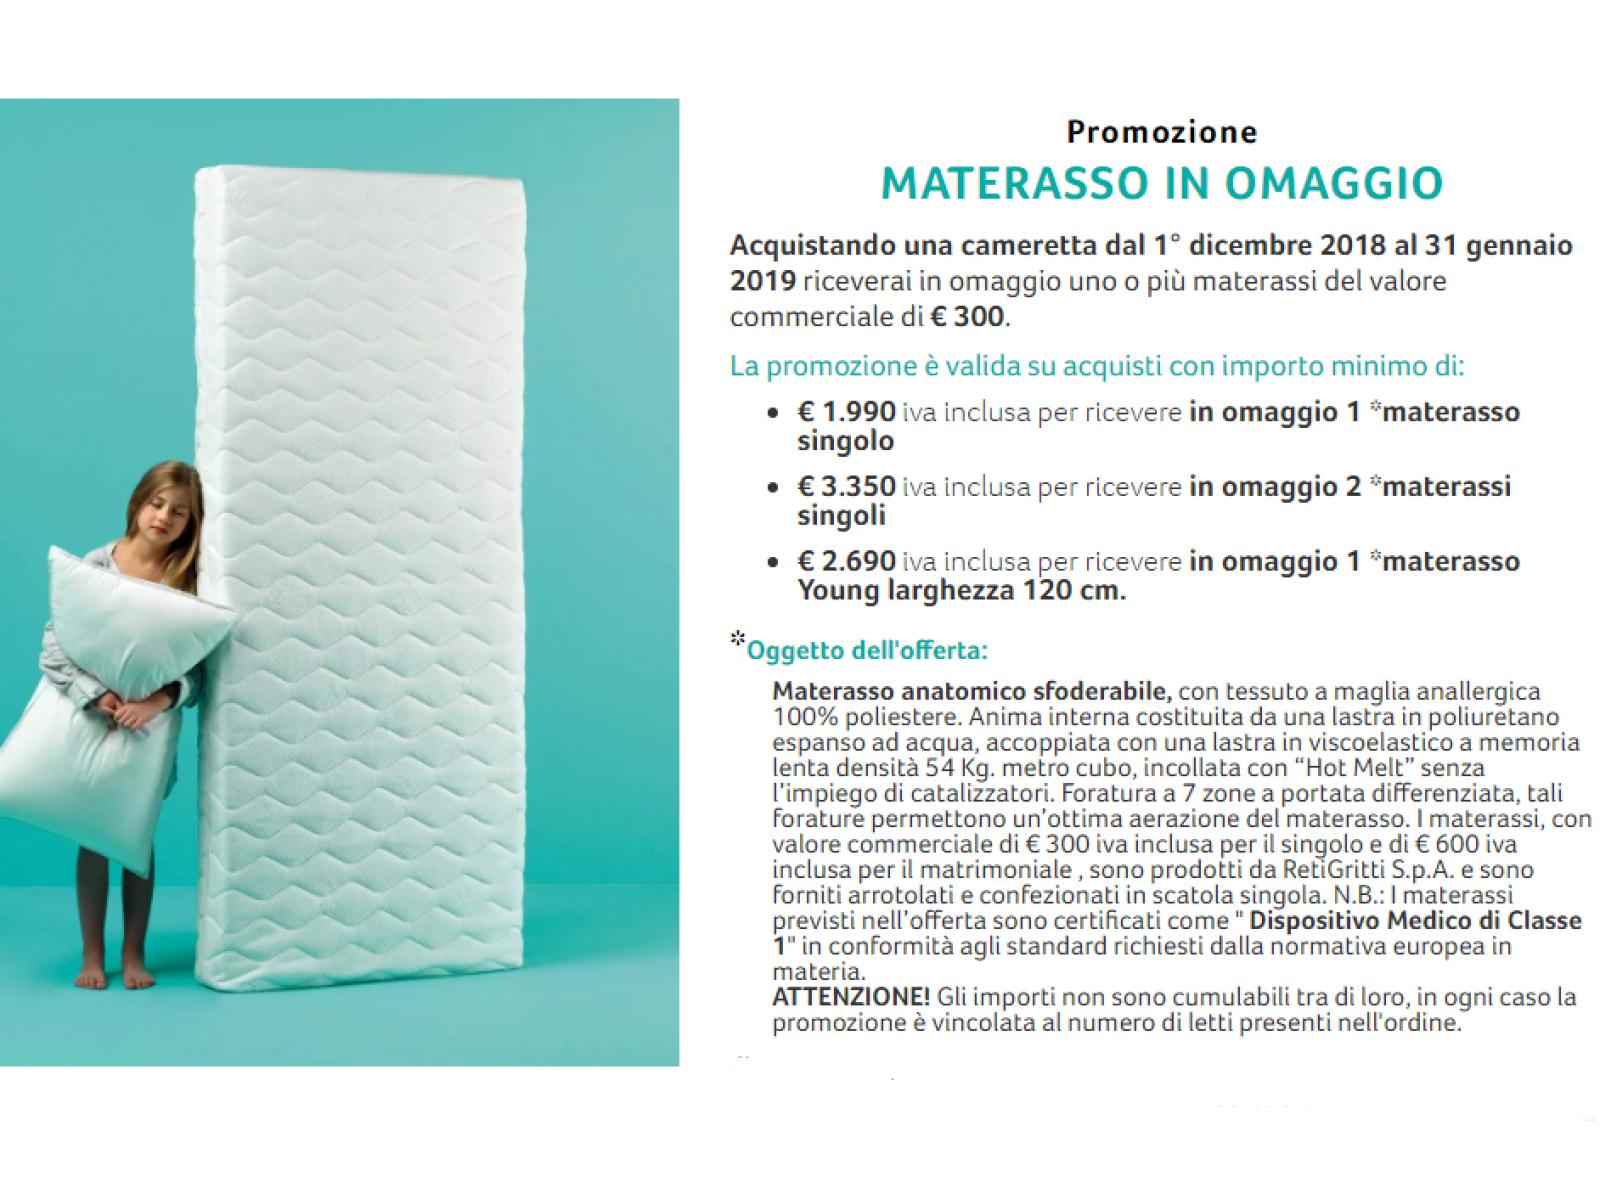 Promozione Materasso con Cameretta Moretti